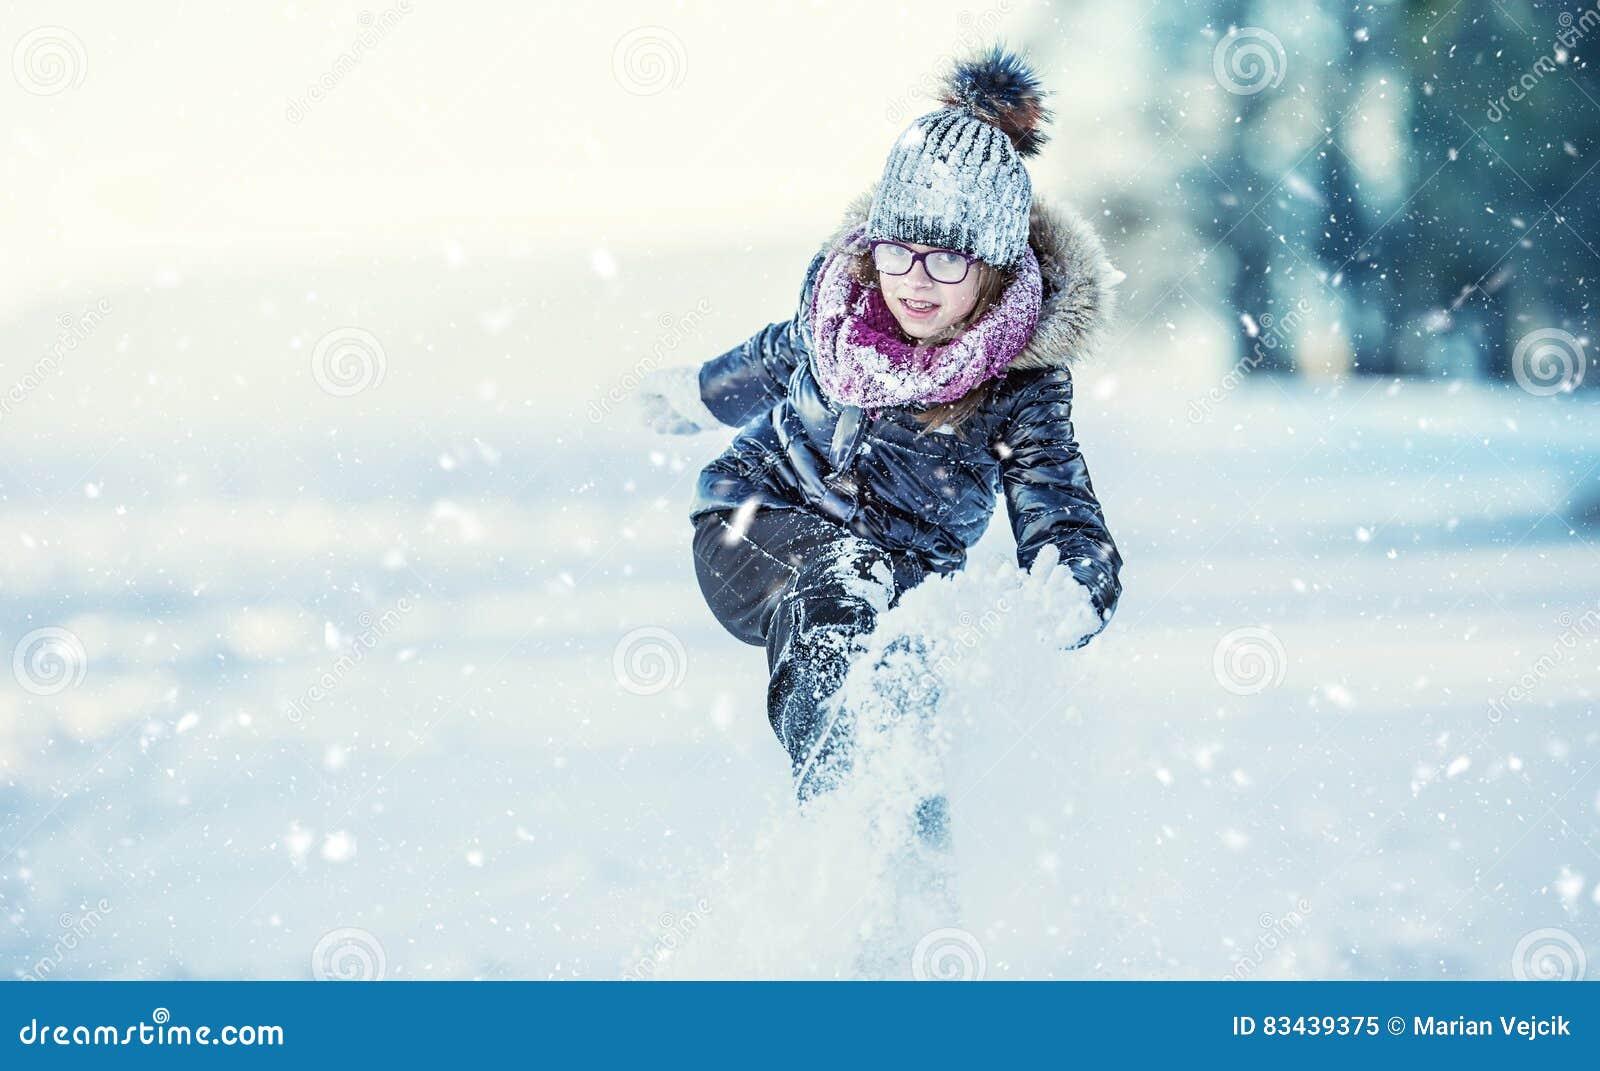 Маленькая девочка играет с снегом Низовая метель девушки зимы красоты счастливая в морозном парке зимы или outdoors